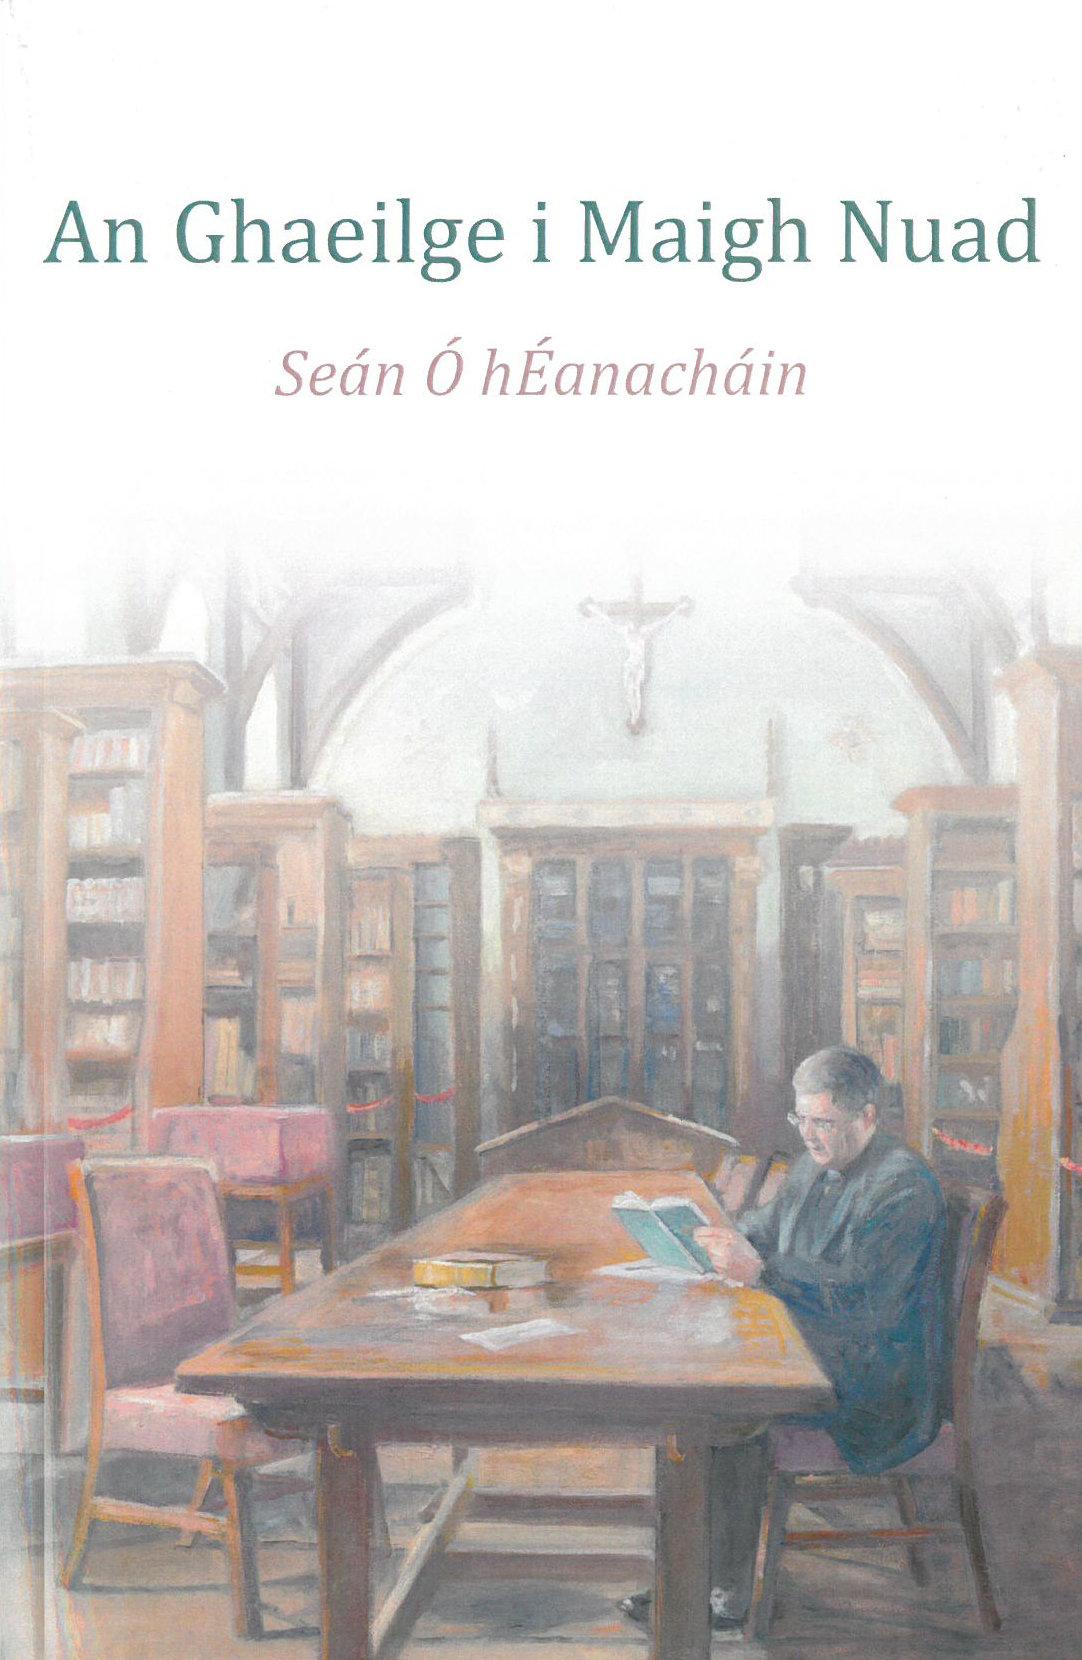 An Ghaeilge i Maigh Nuad